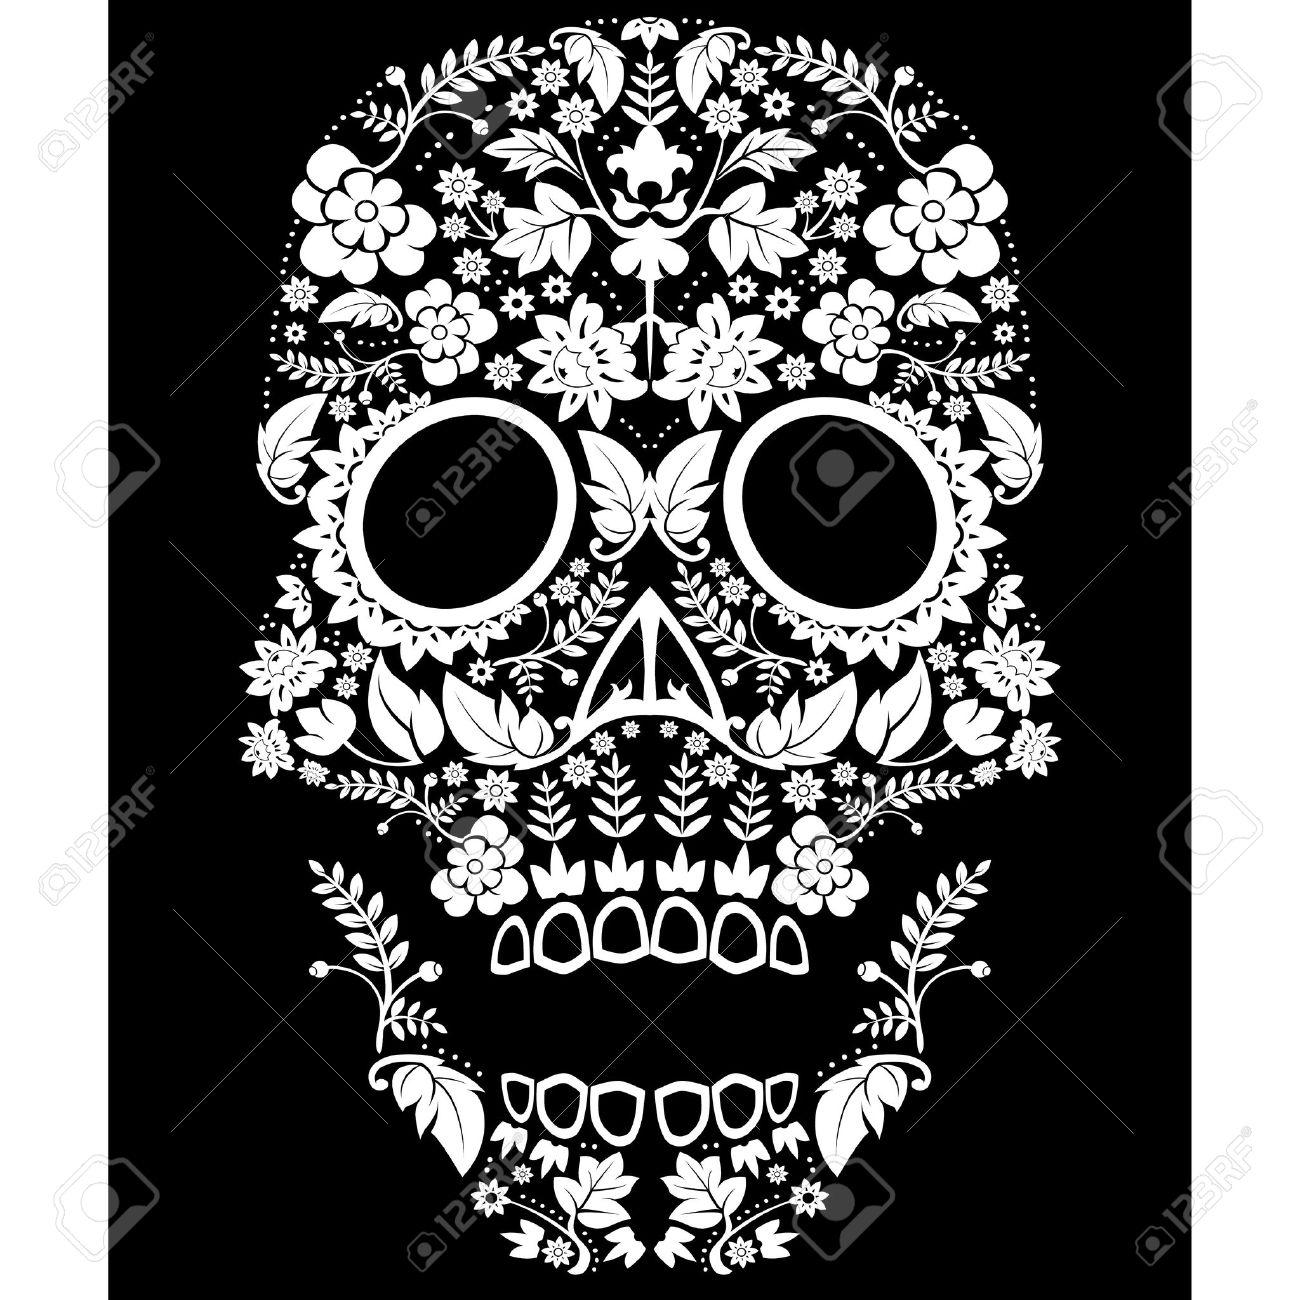 Day of the Dead Sugar Skull Illustration - 21586511